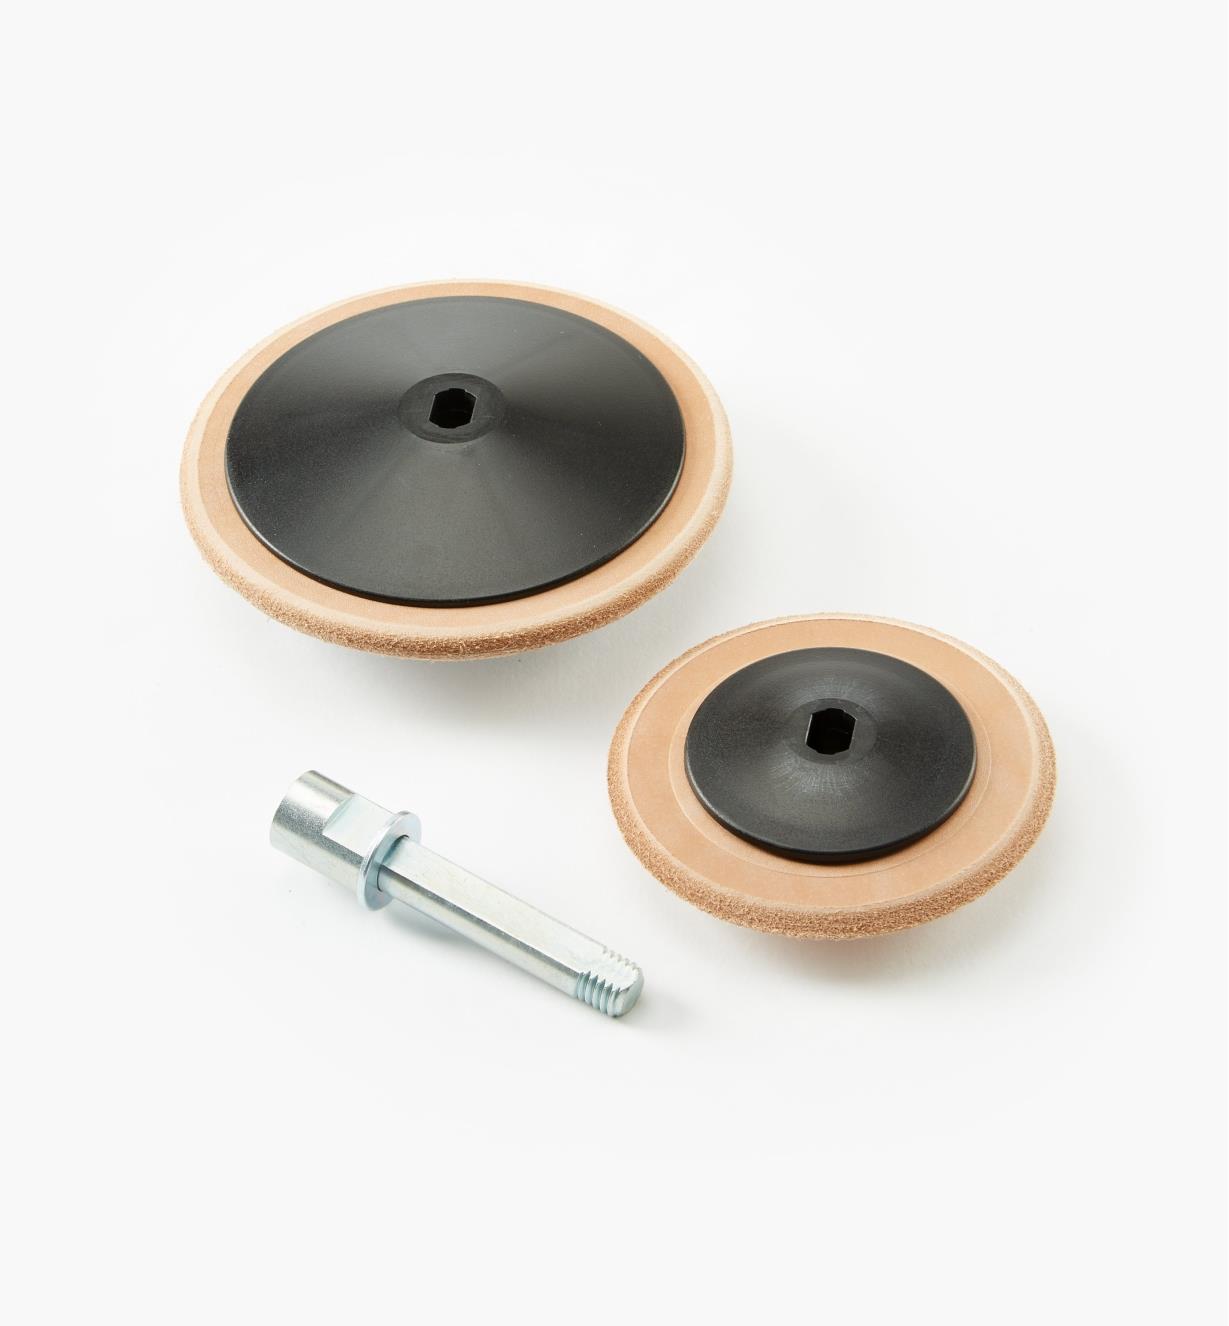 68M0143 - Ensemble de disques à morfiler profilés en cuir Tormek